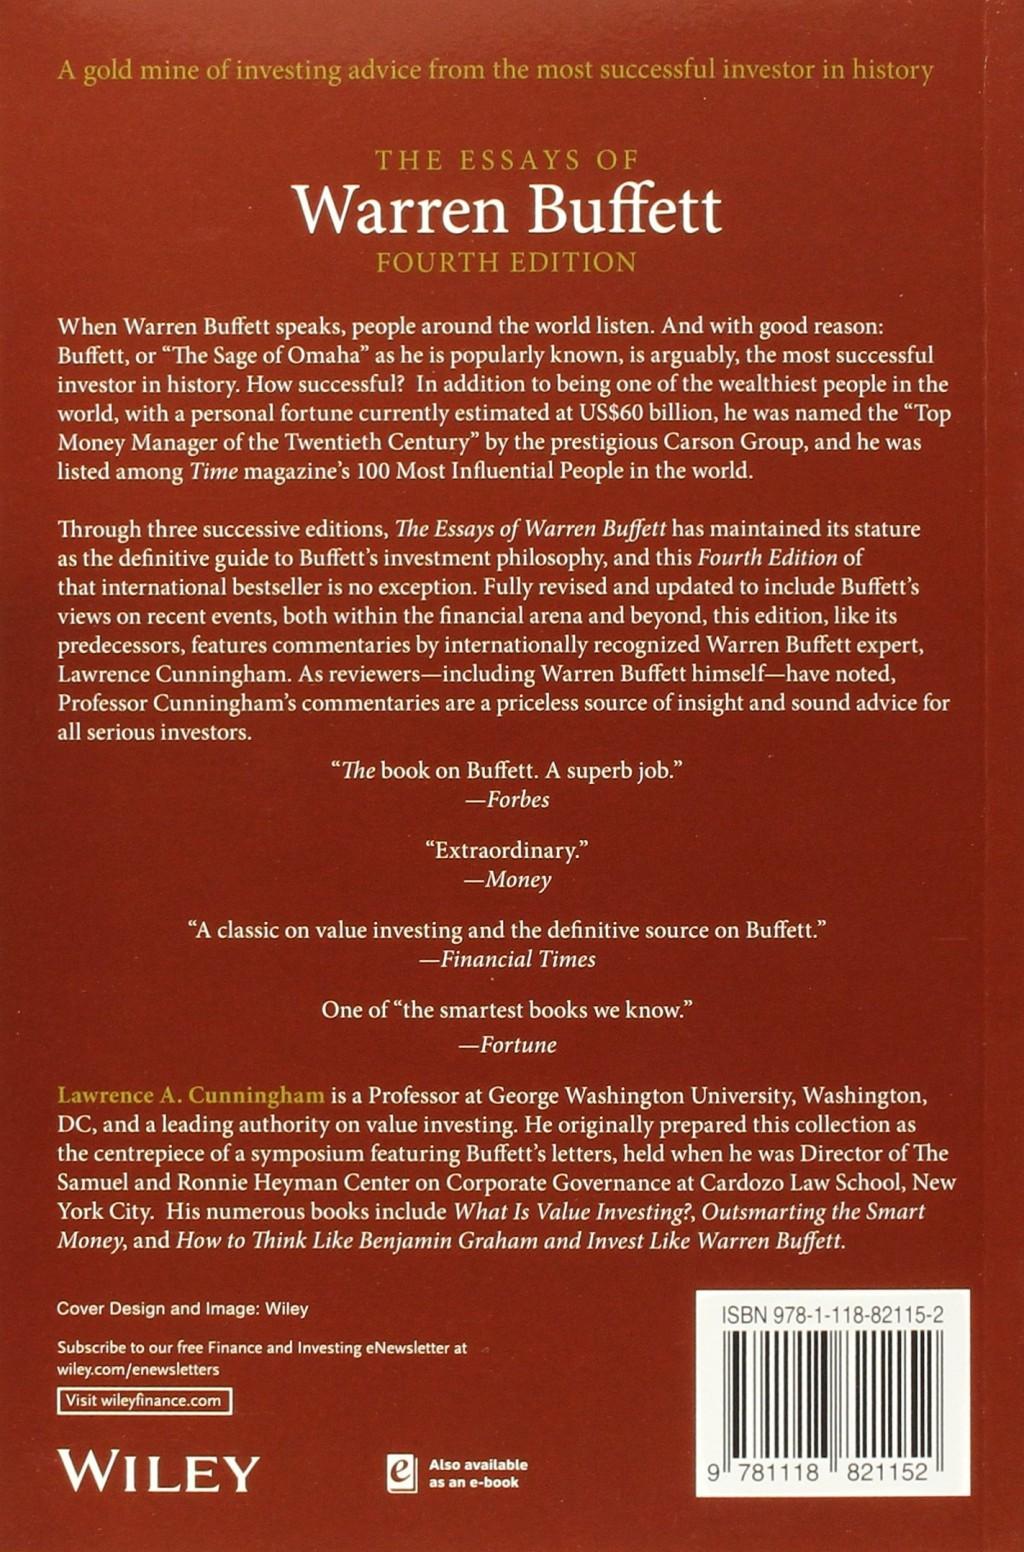 007 91viw96oq0l Die Essays Von Warren Buffett Essay Archaicawful Das Buch Für Investoren Pdf Und Unternehmer Large